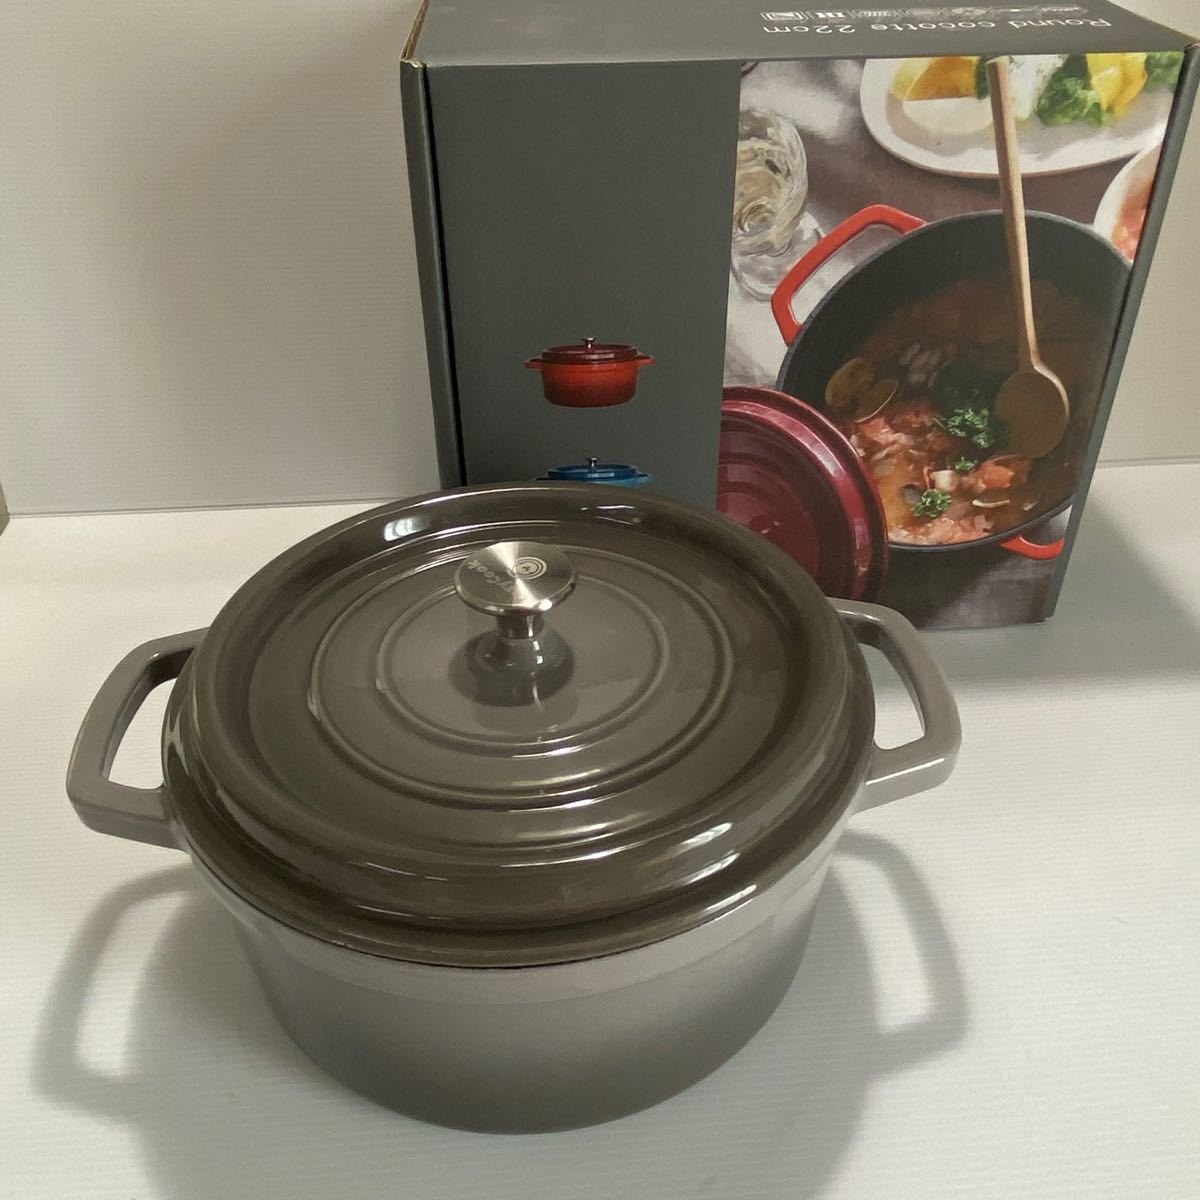 コージークック 鋳物ホーロー鍋 ラウンドココット GLAY